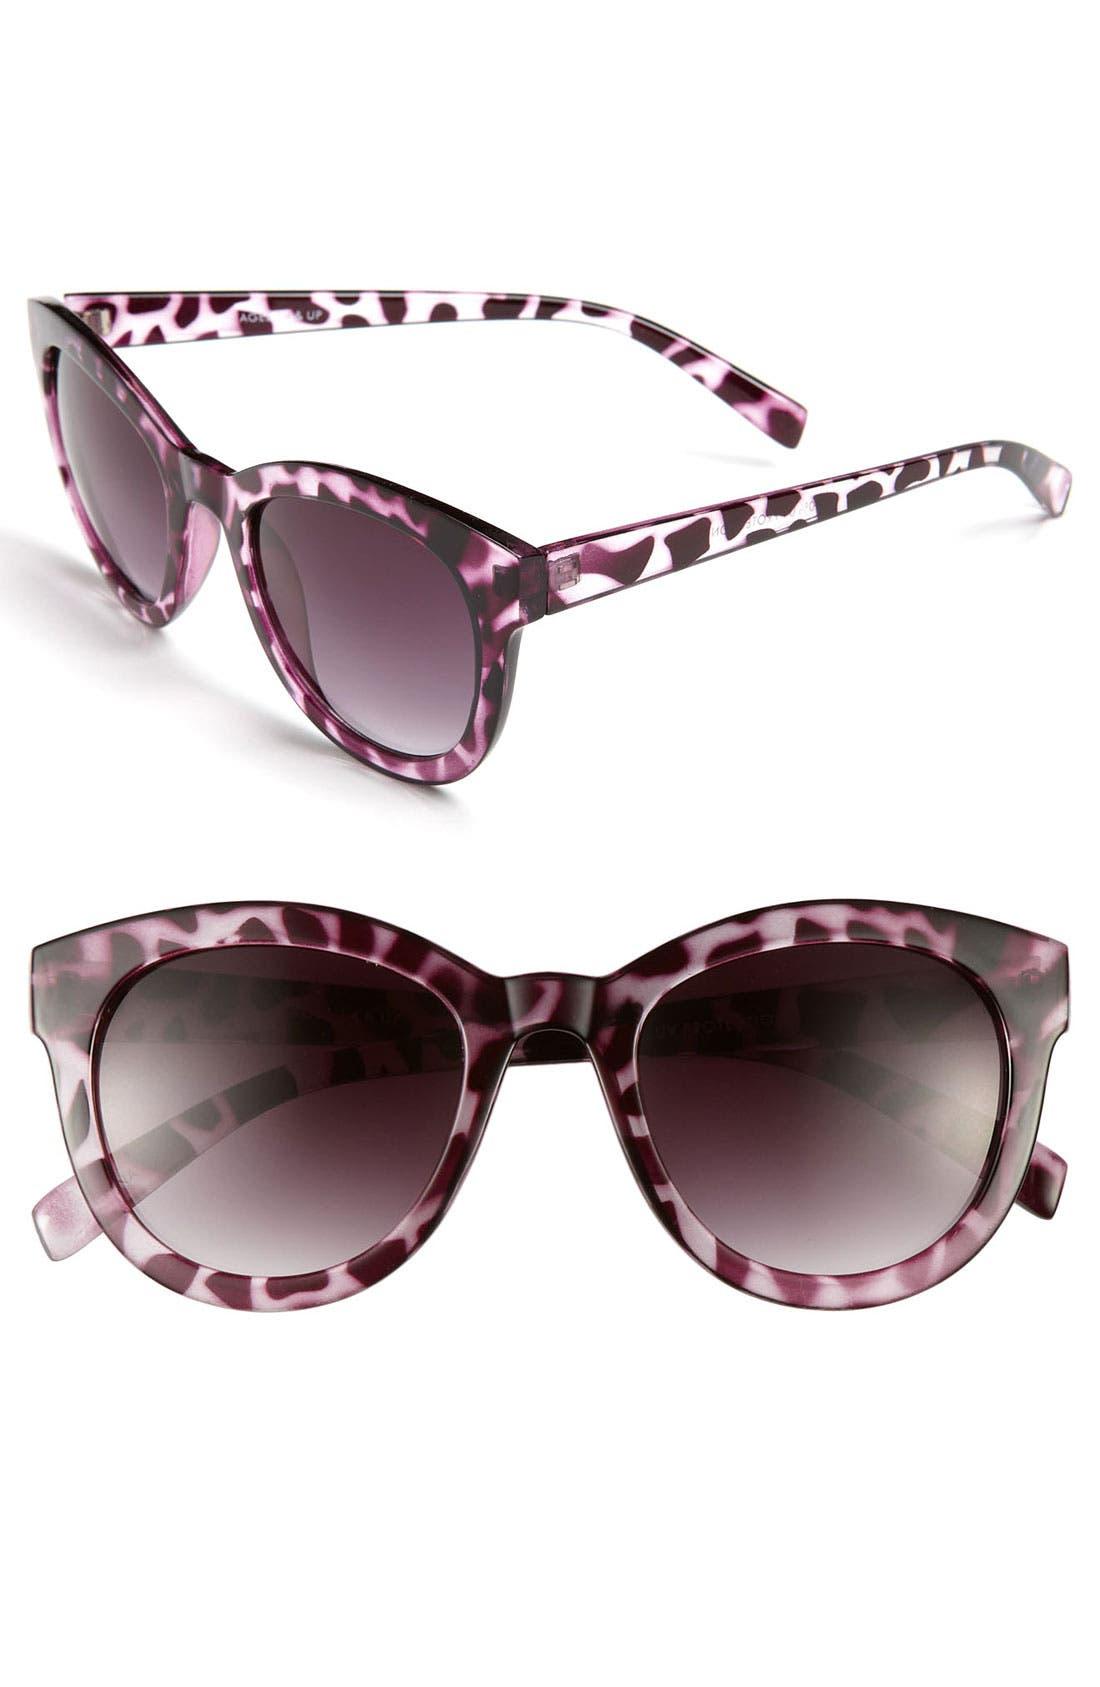 Main Image - FE NY 'Epsilon' Sunglasses